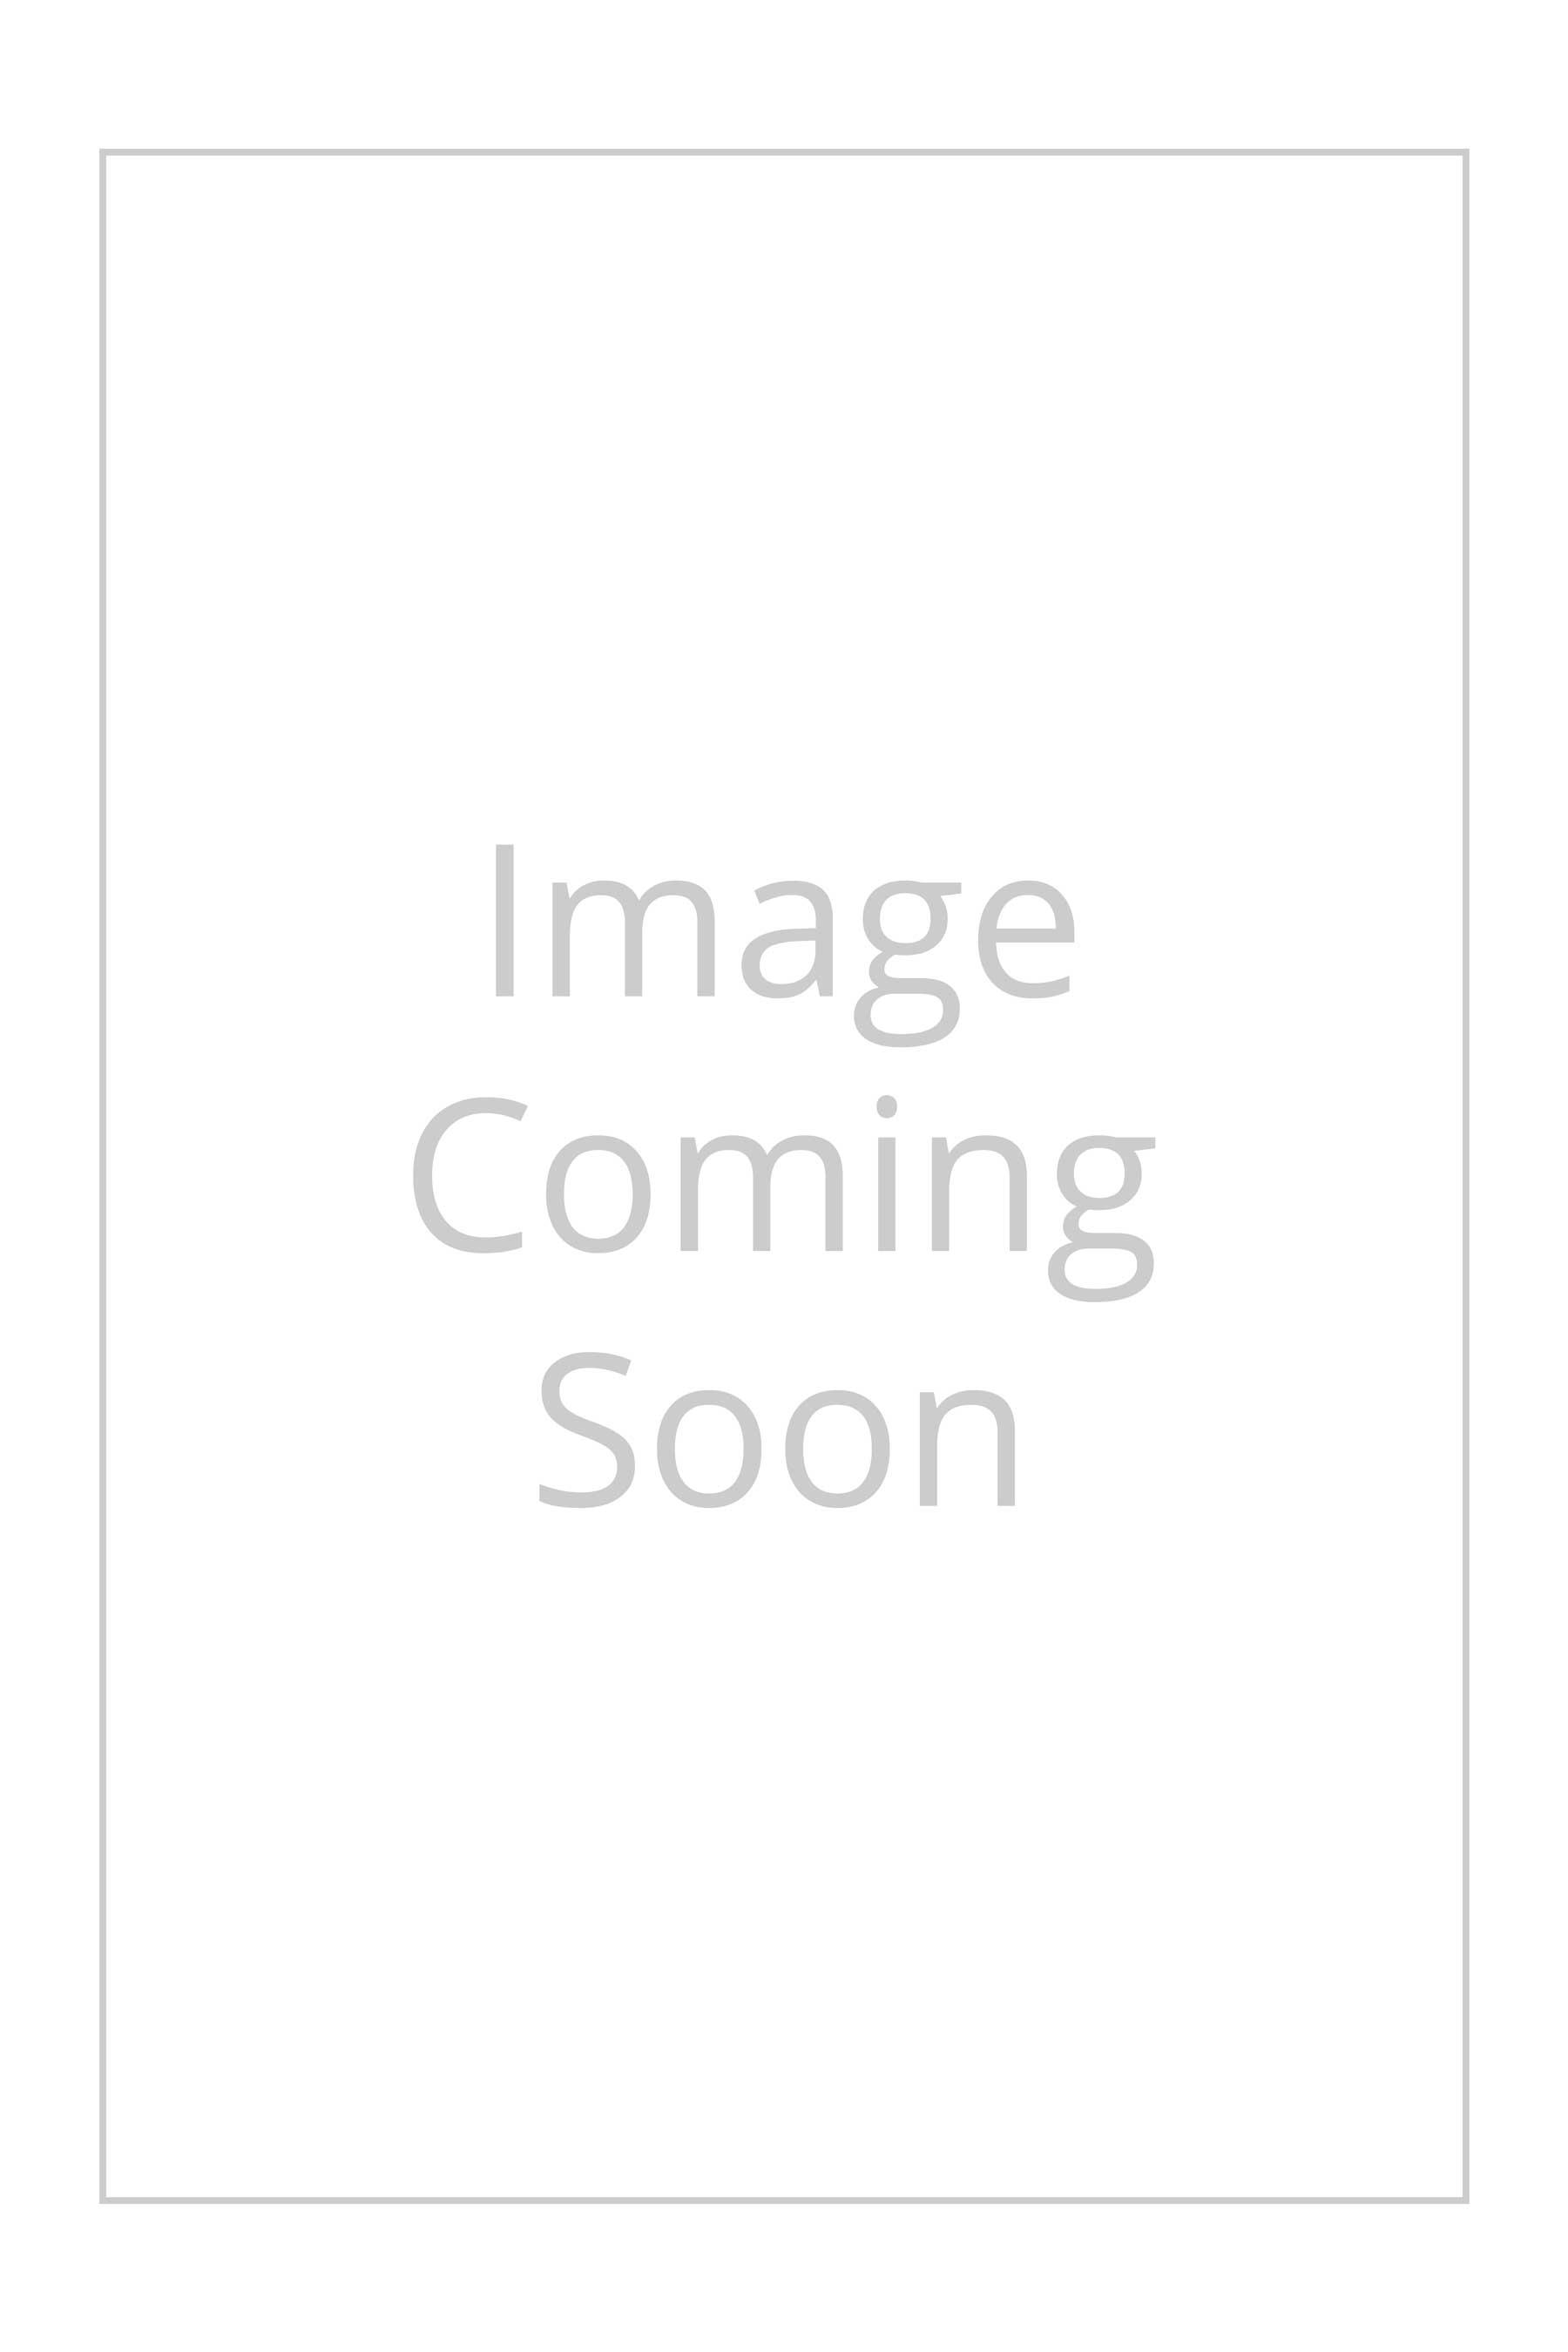 St. John Knits Black Santana Knit V-Neck Camisole with Paillettes